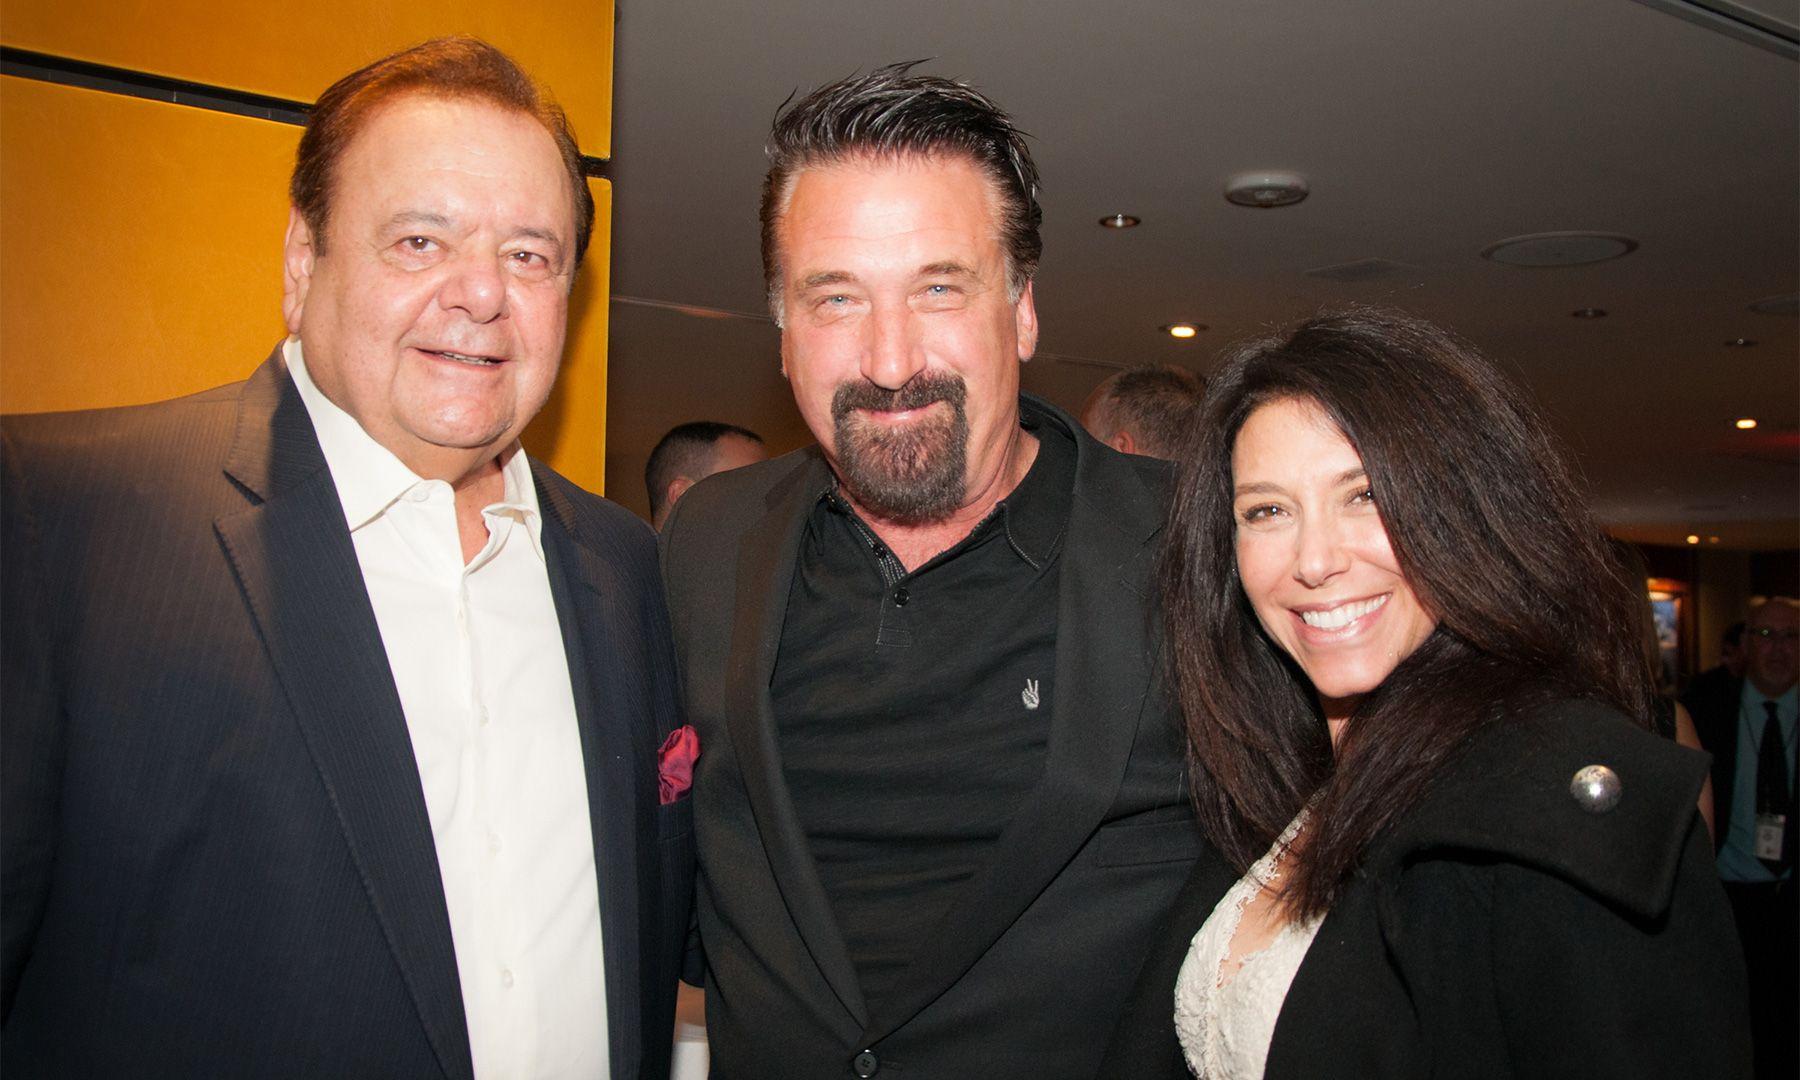 Pictures Inside Paul Sorvino S 76th Birthday Celebration At Nyy Steak In New York City Dujour Paul Sorvino Chris Noth Celebrities